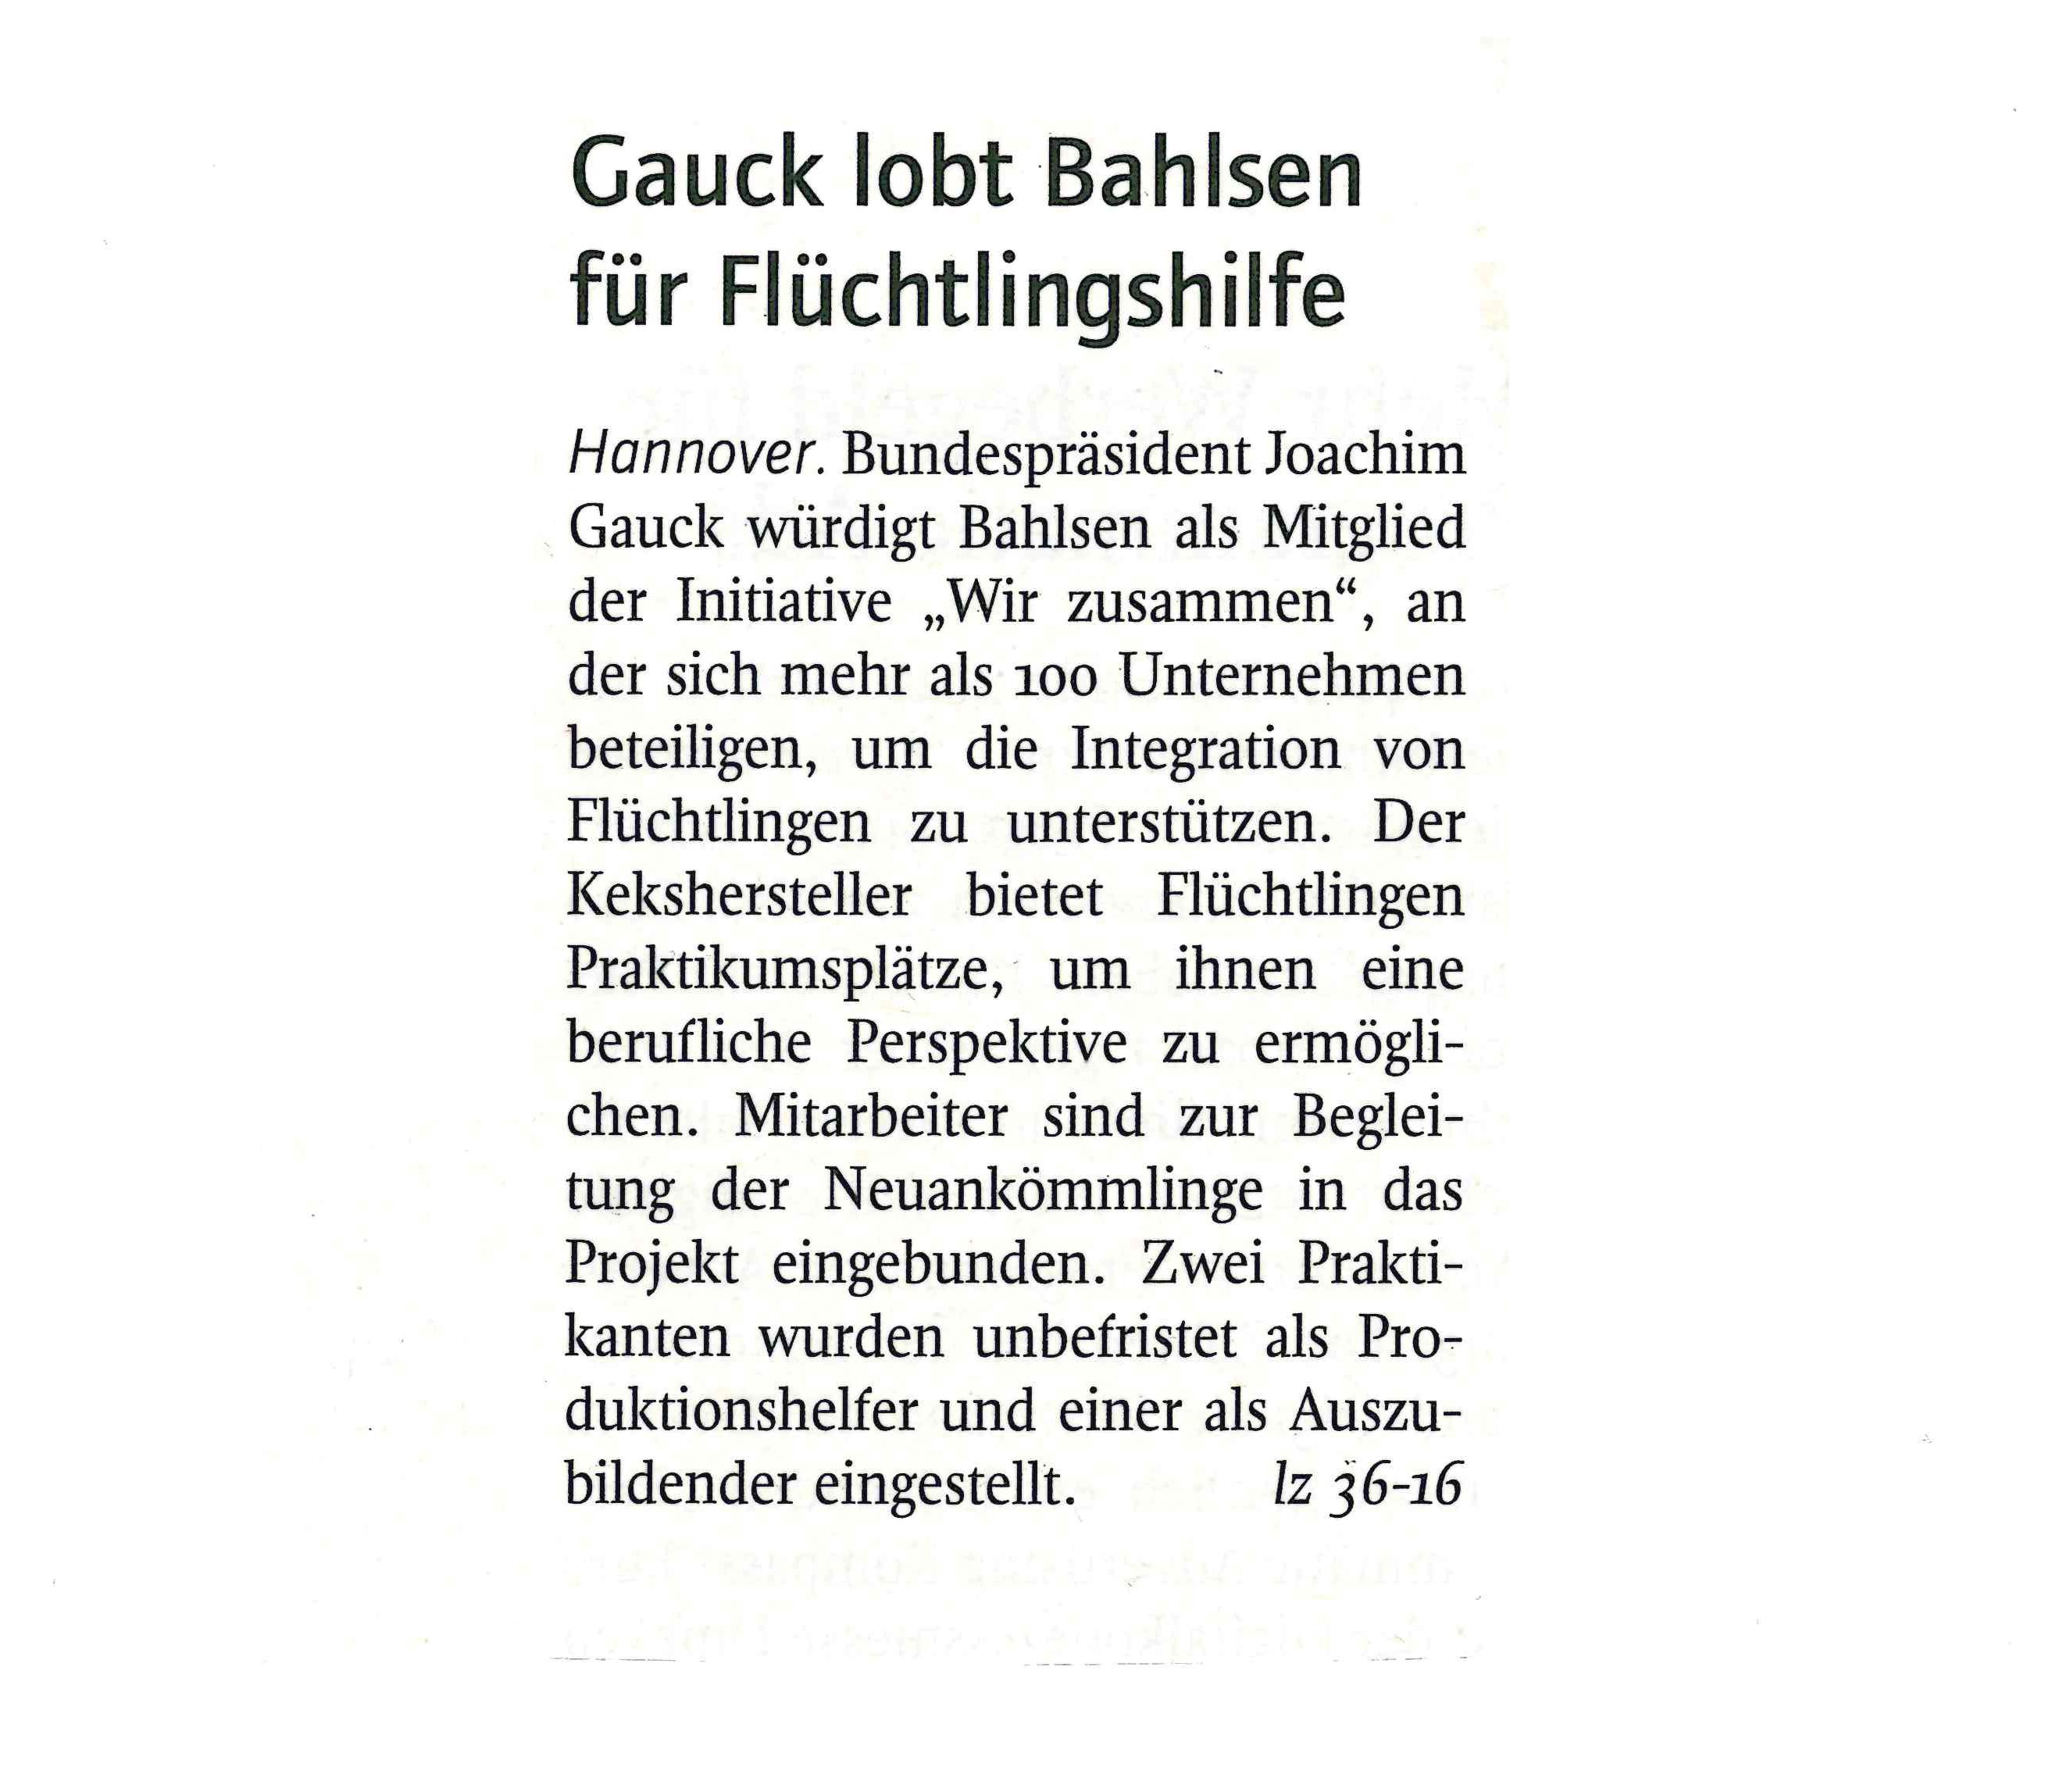 Gauck lobt Bahlsen0